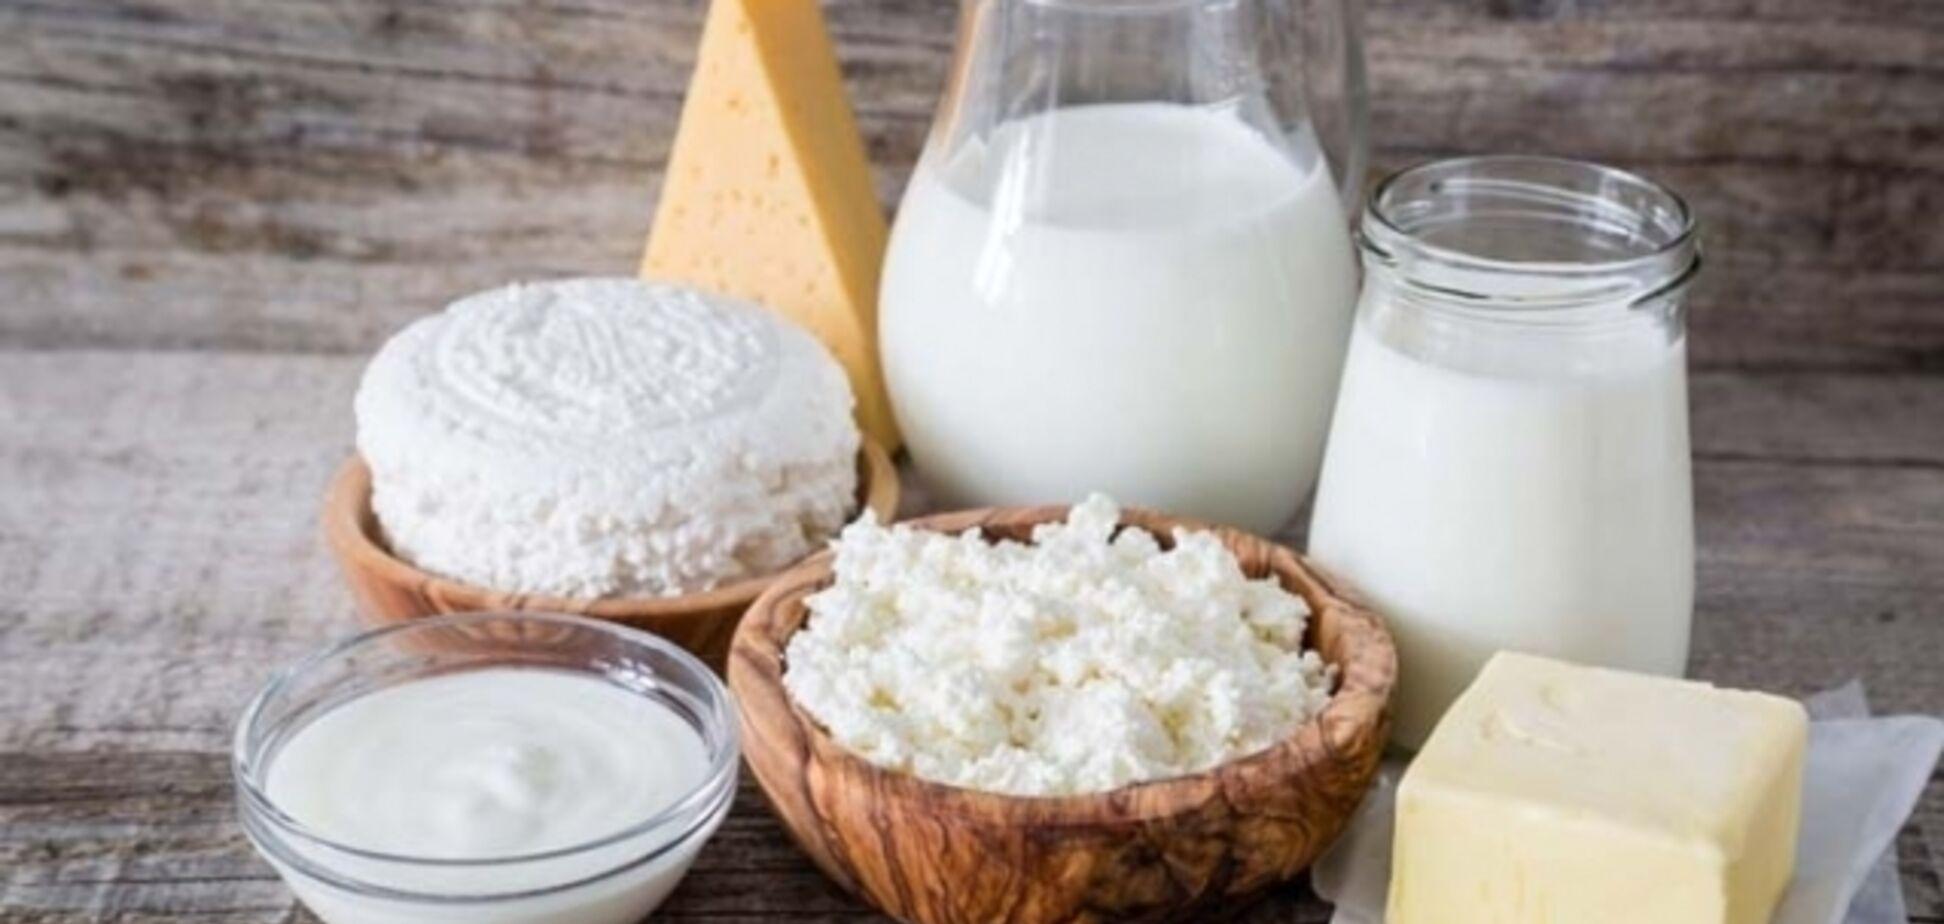 Названы пять веских причин, чтобы исключить молочные продукты из рациона